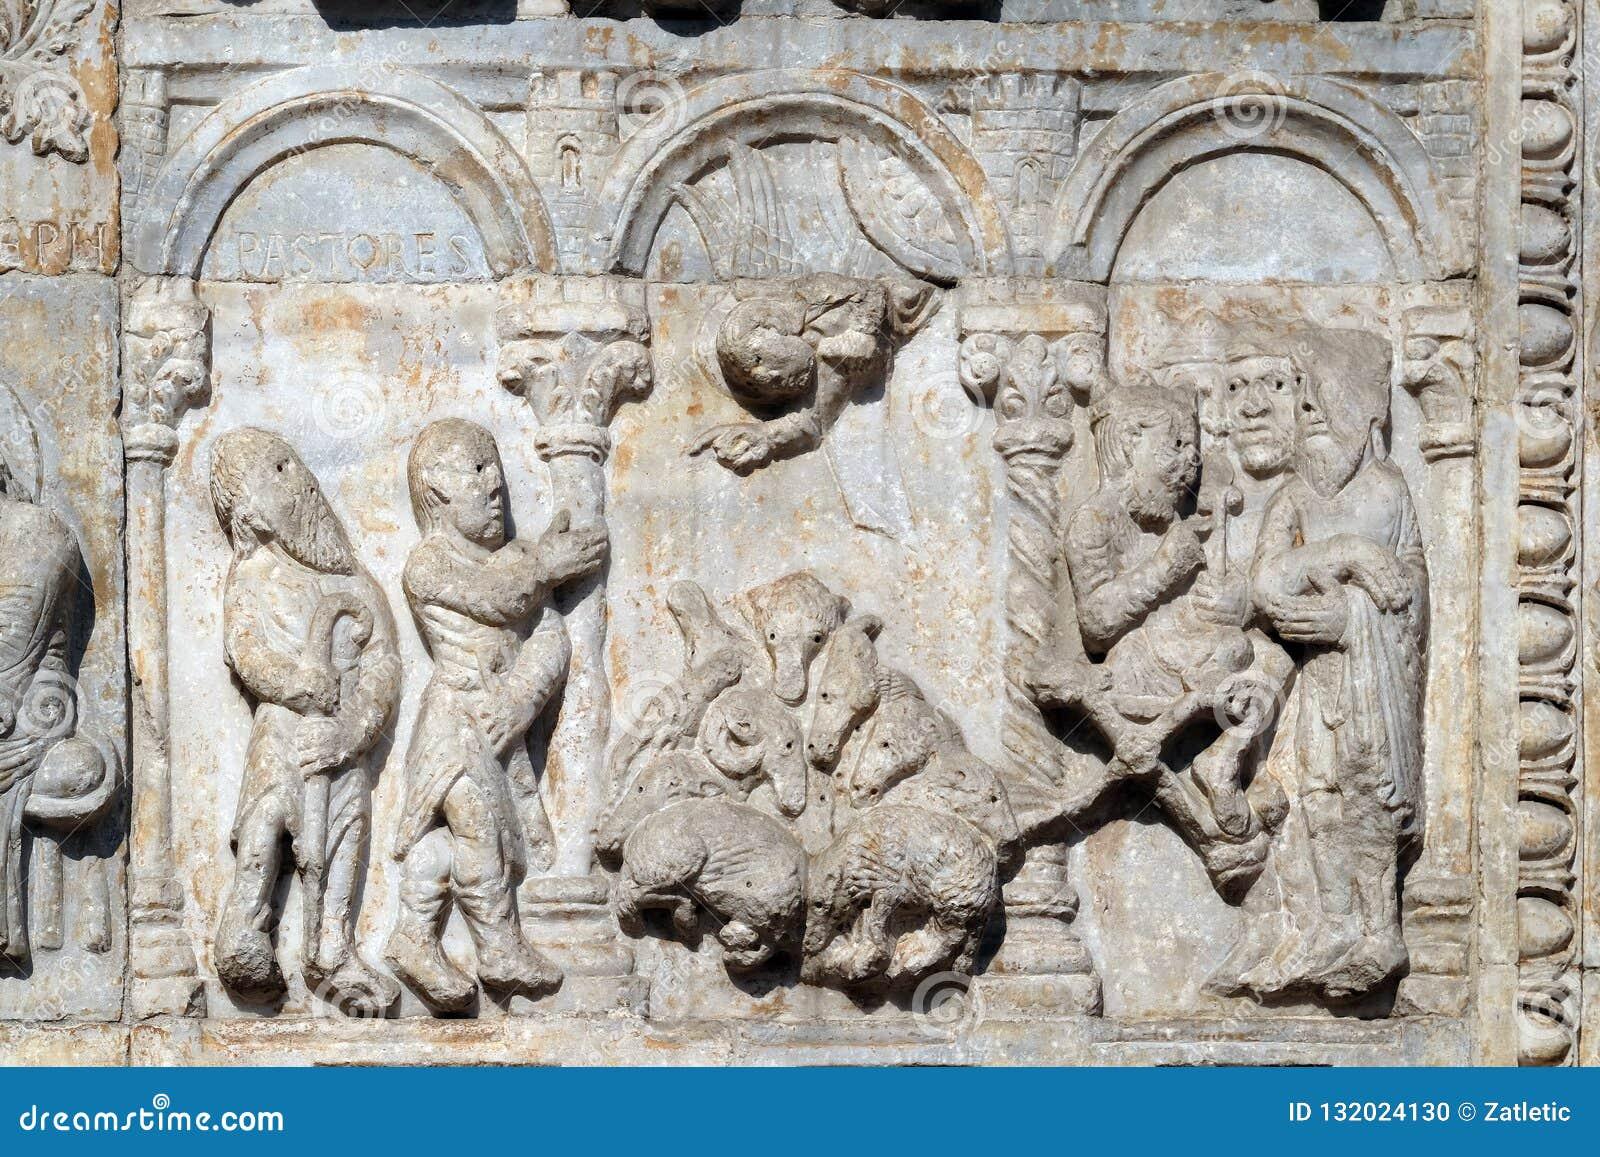 Bas-hulp 12de eeuw van van Maestro Nicolo de ', groep rechts van de deur van de Basiliek van St Zeno in Verona